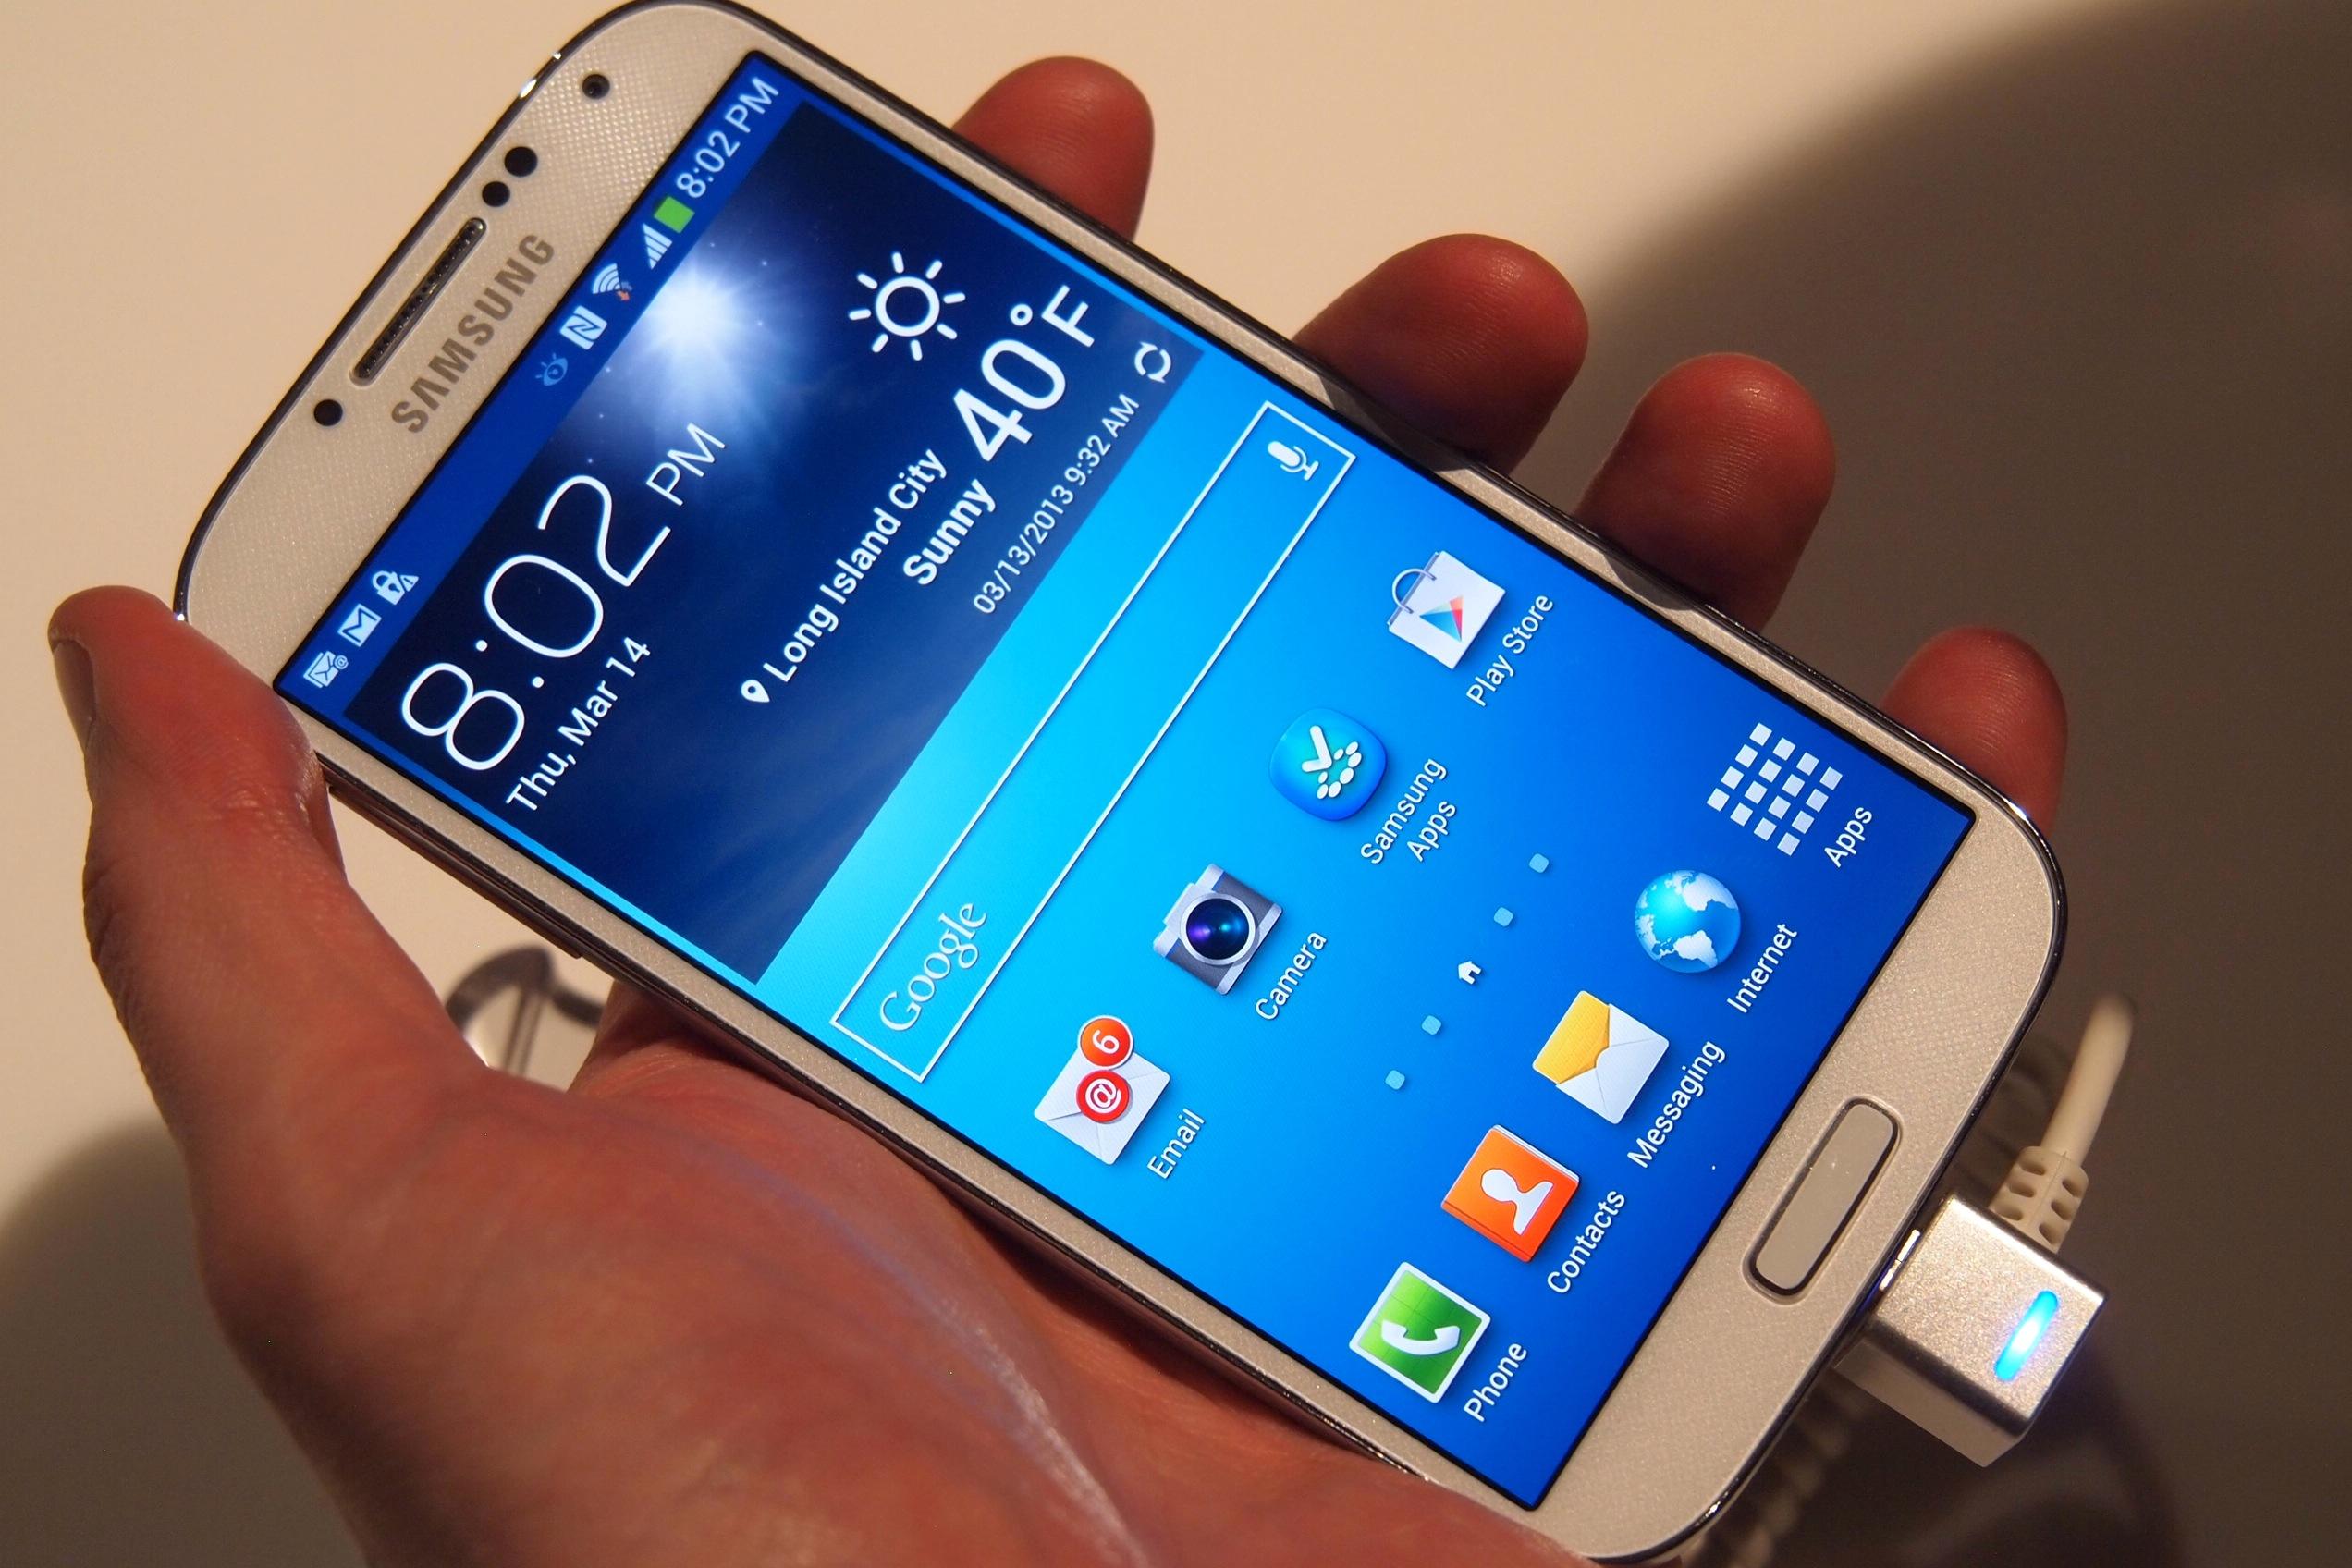 Cách kiểm tra đời máy Samsung galaxy S4 chính xác nhất